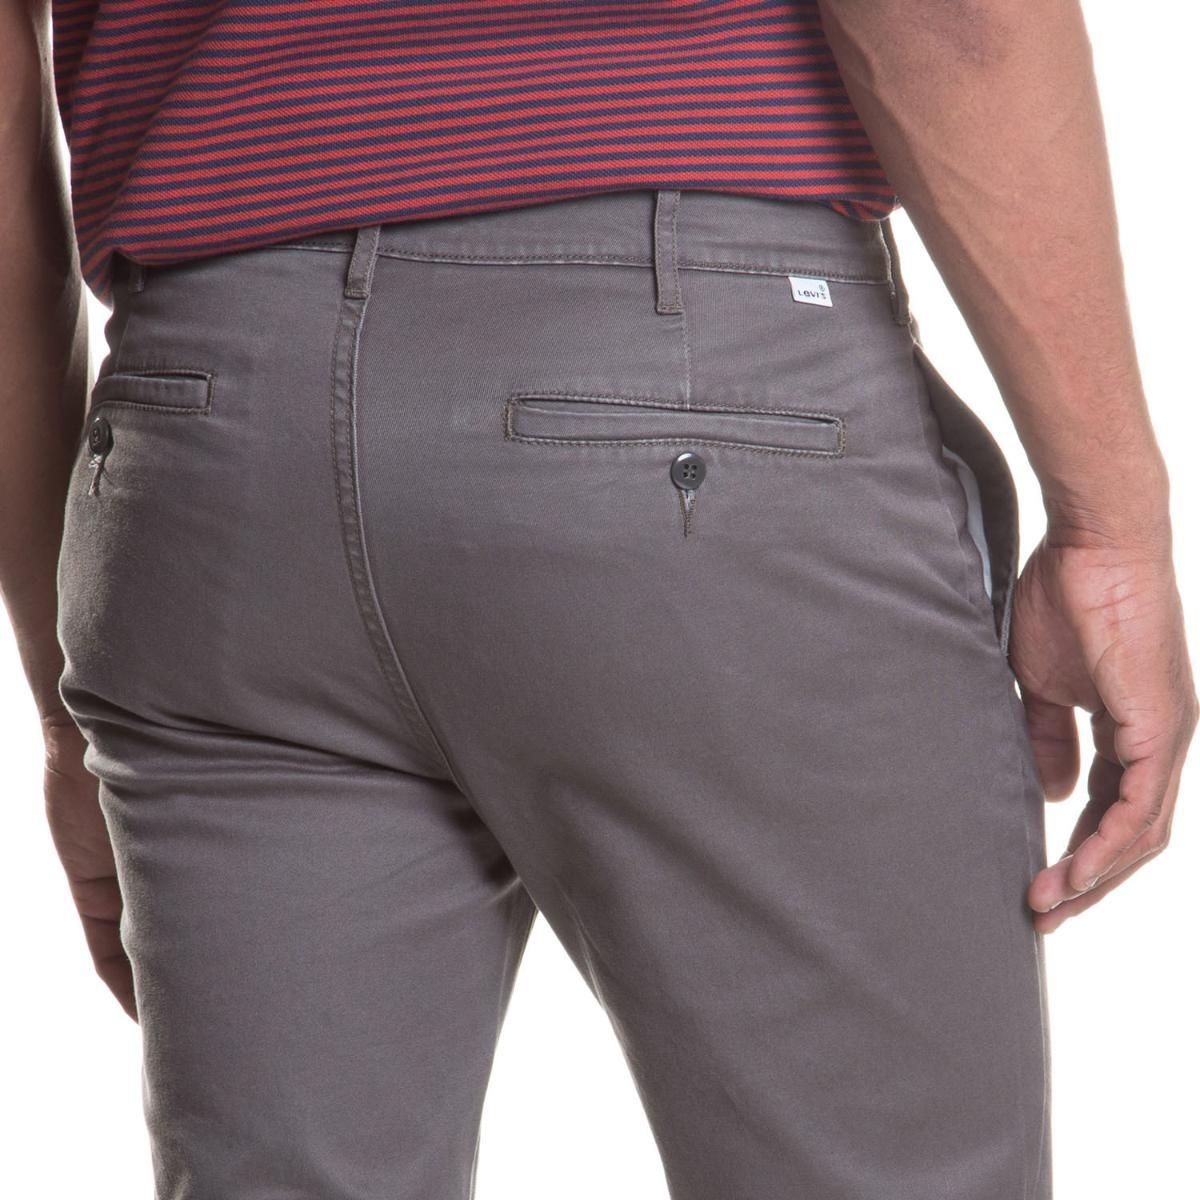 calça chino levis masculina 511 slim azul cinza. Carregando zoom. 388ec7a498c